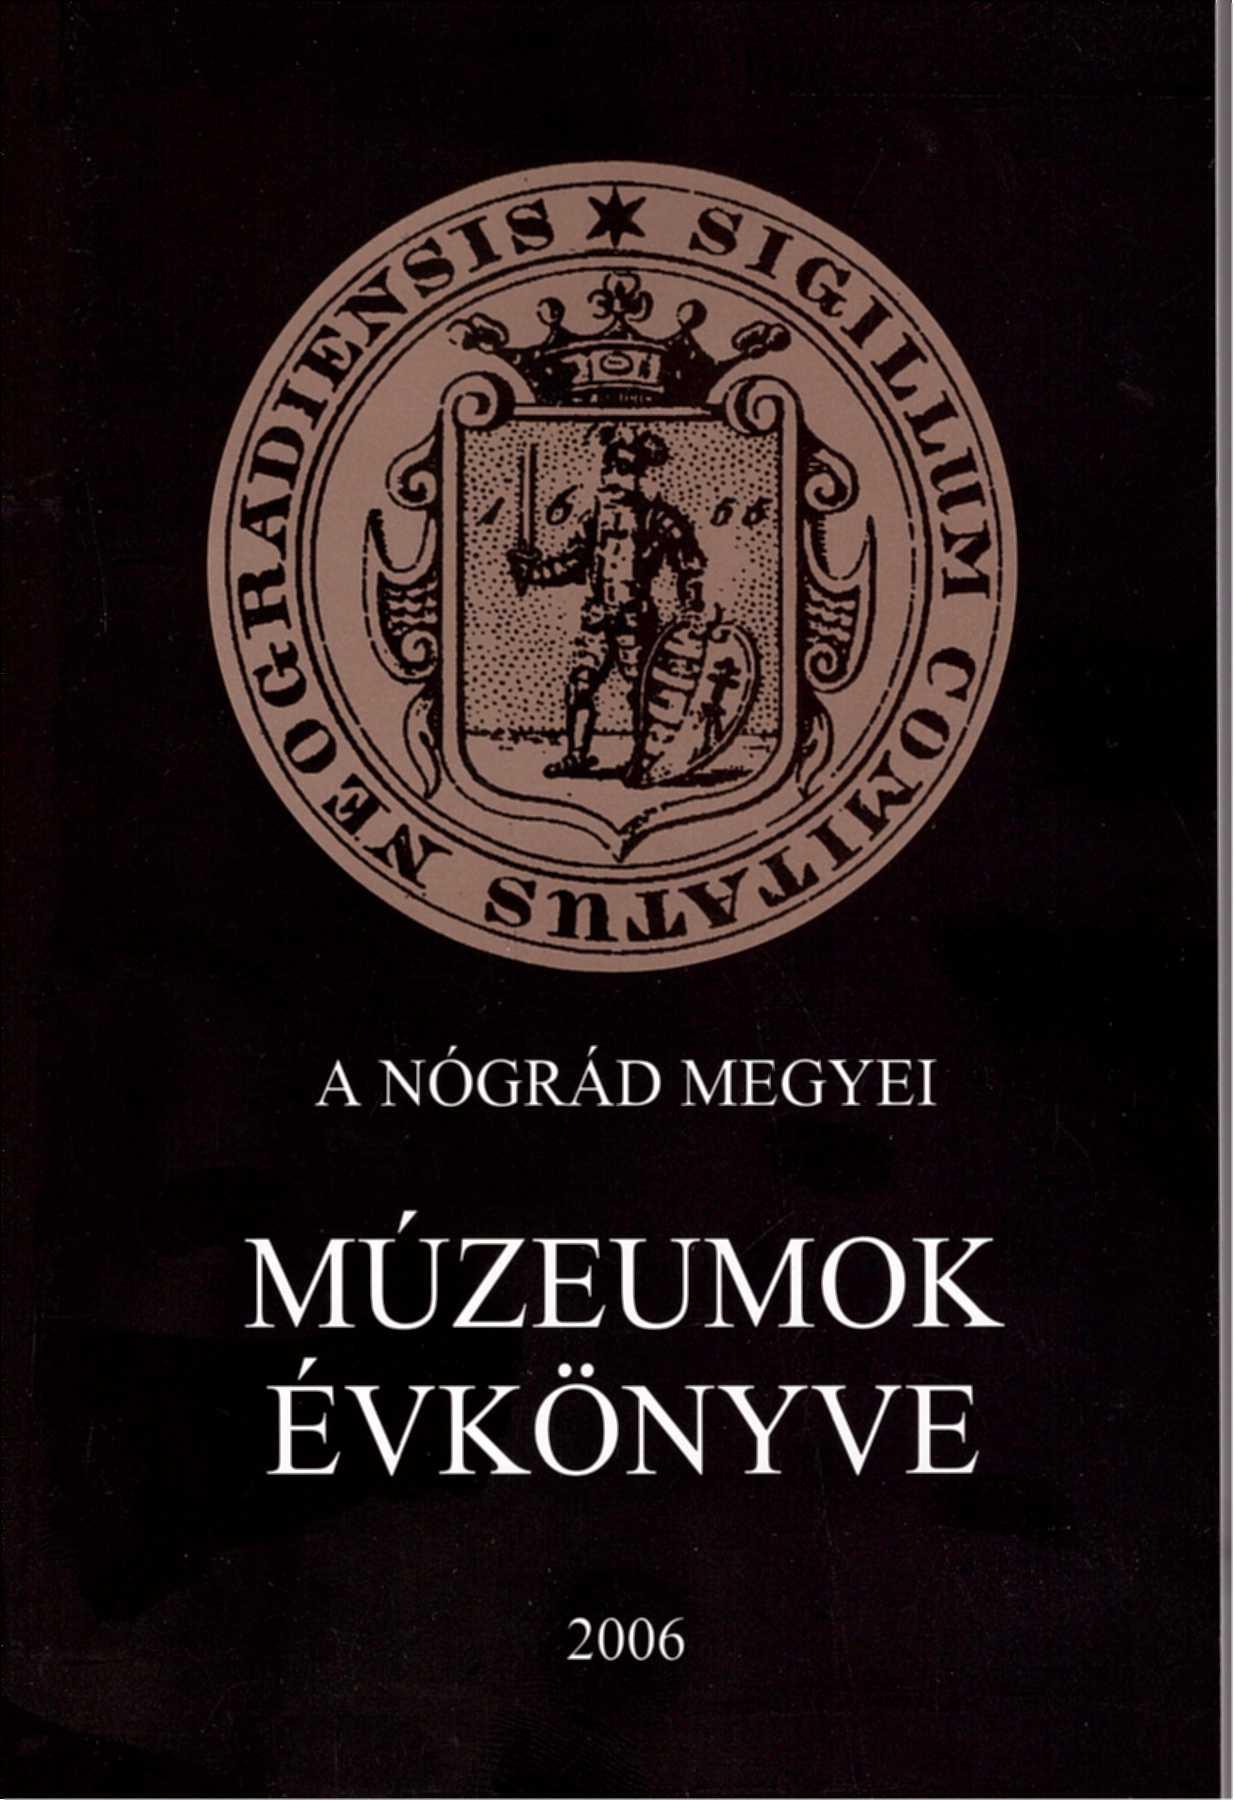 <b>A Nógrád Megyei Múzeumok Évkönyve XXX.</b>